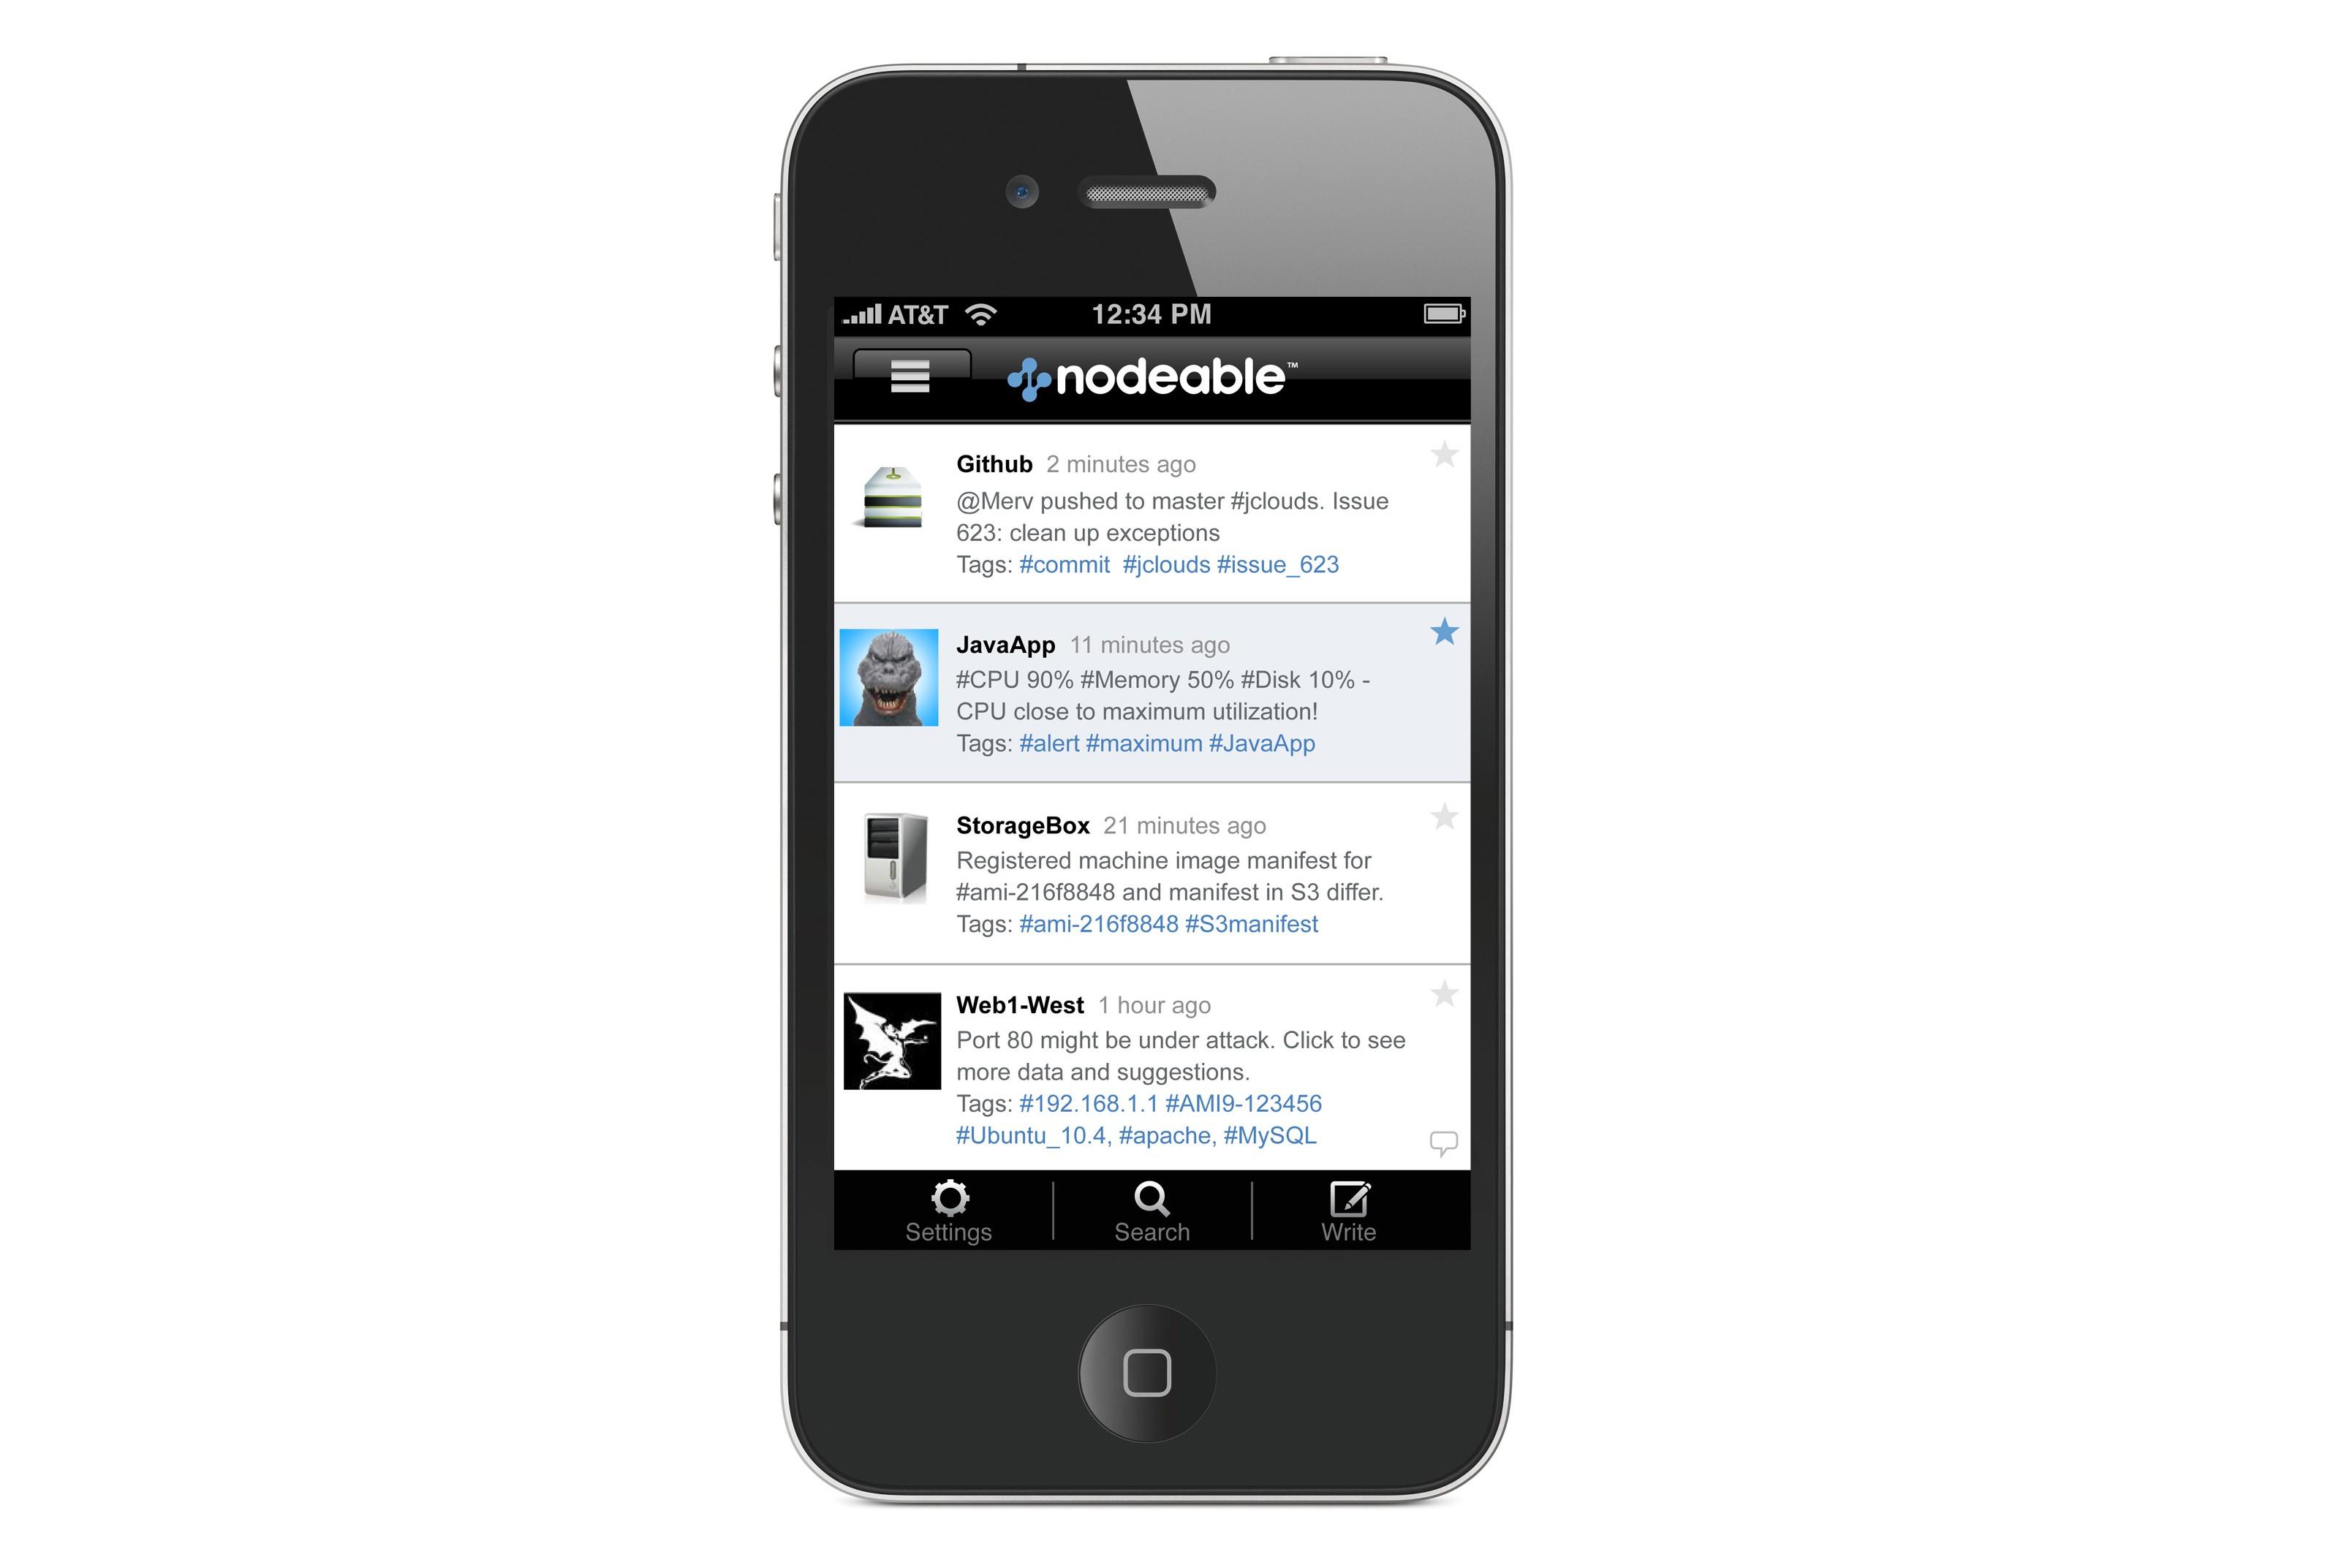 Nodeable_mobile1